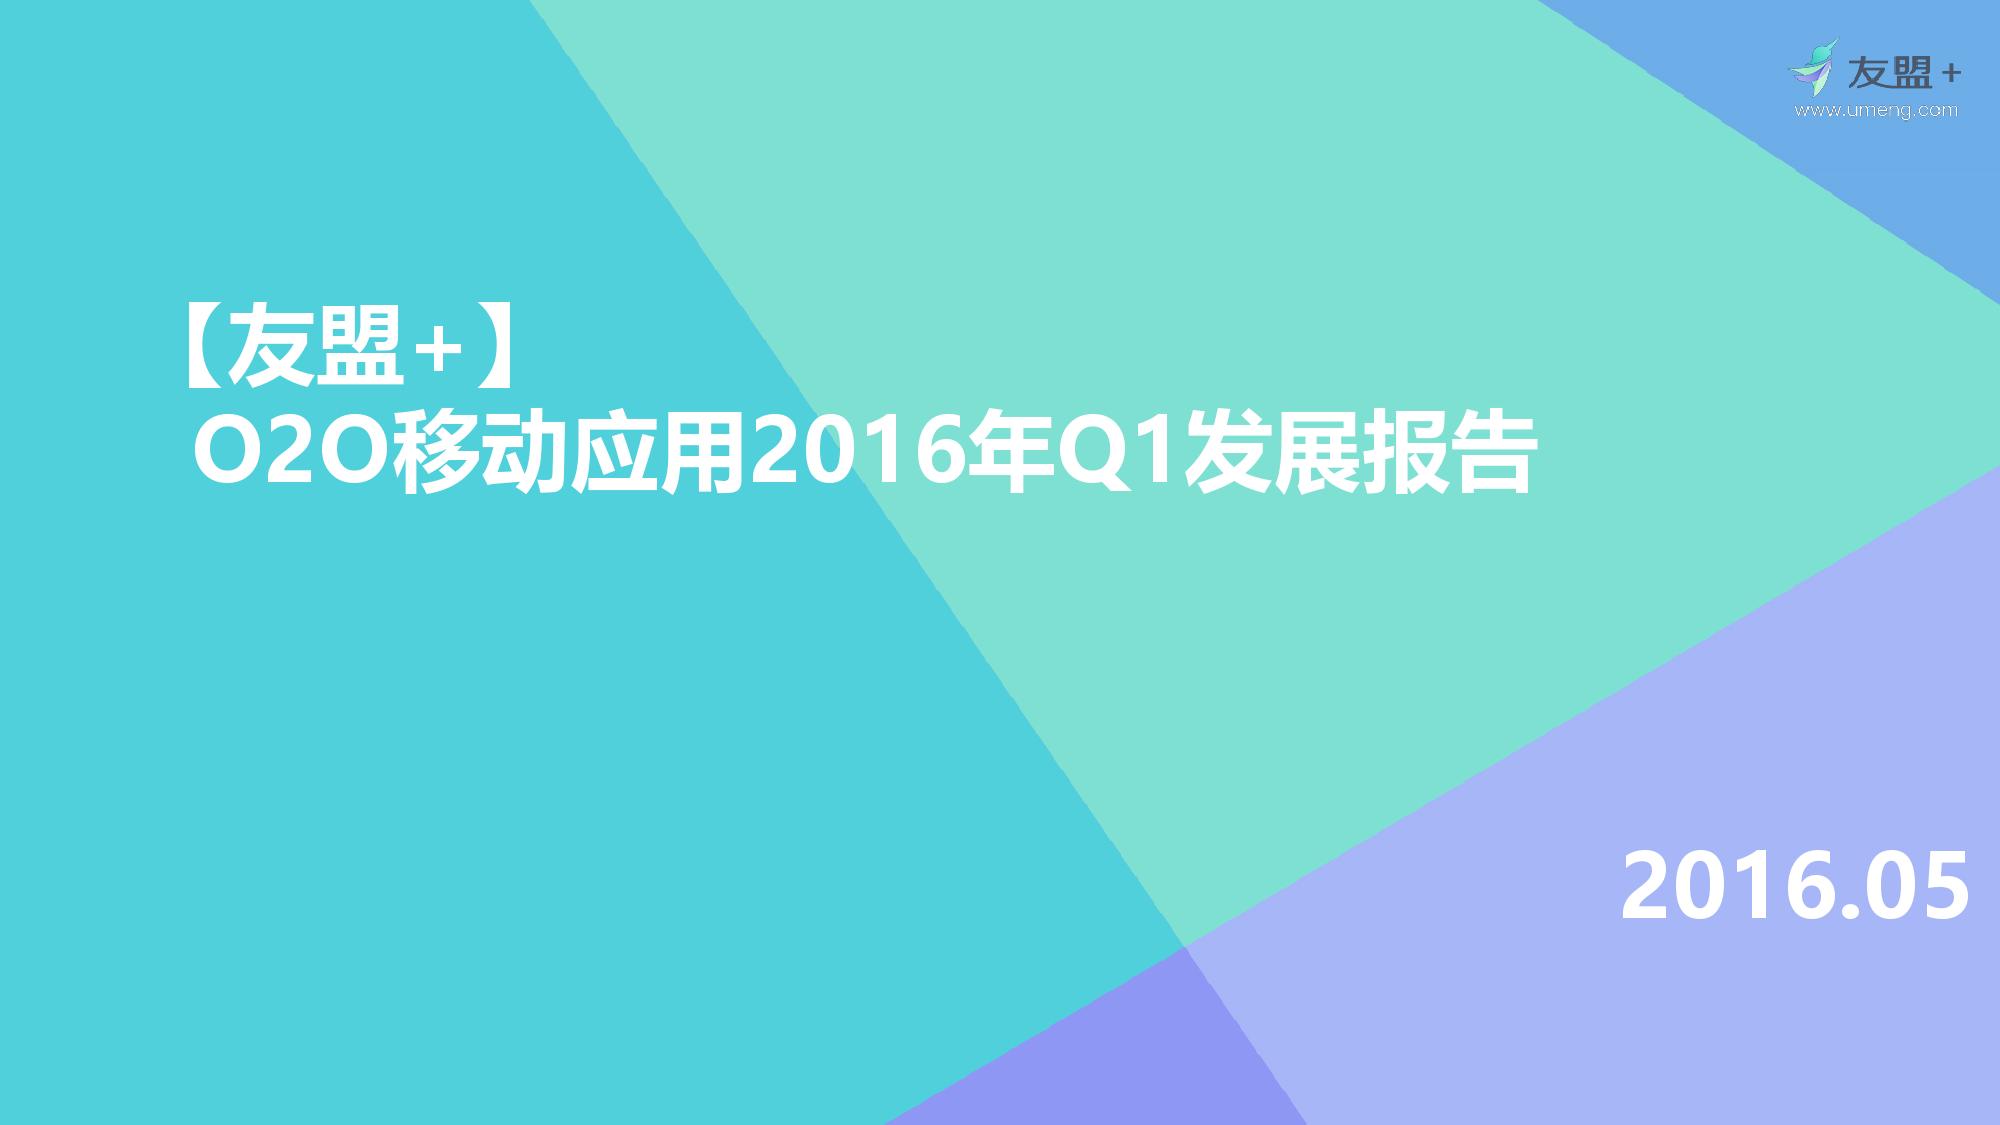 O2O移动应用2016年Q1发展报告_000001